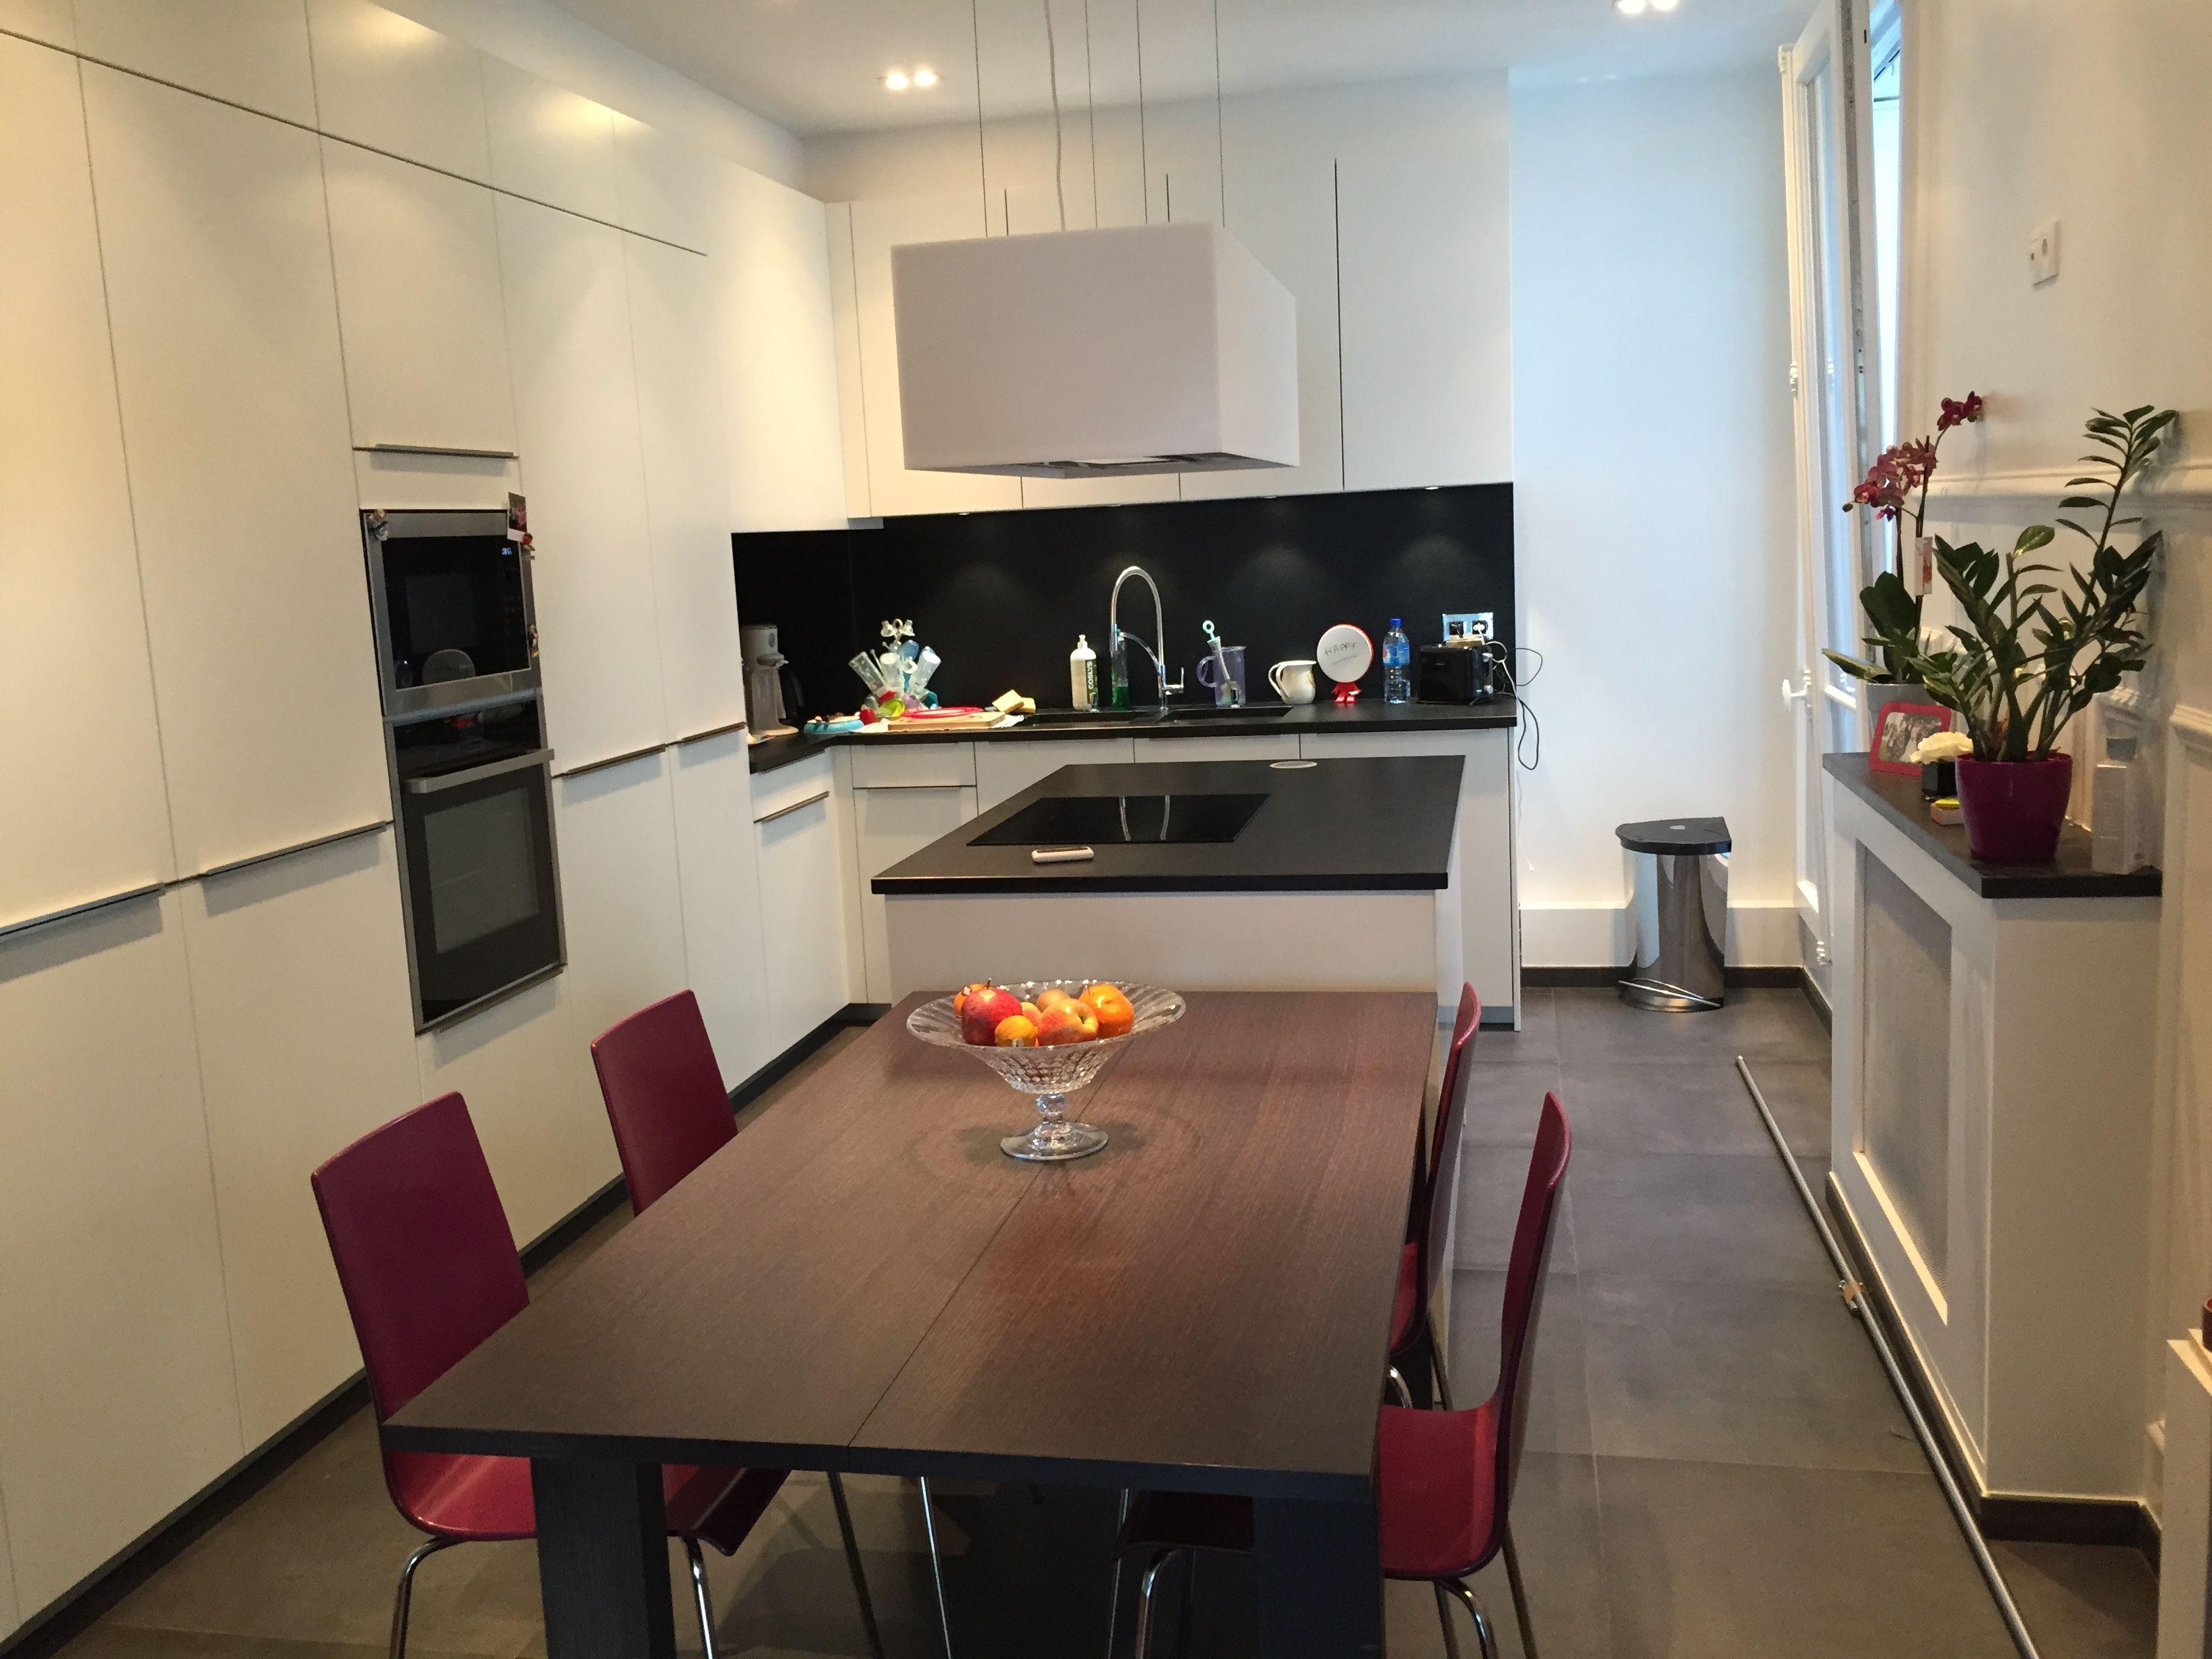 Modele Salle De Bain Perene ~ cuisine perene paris bastille cuisines pinterest bastille